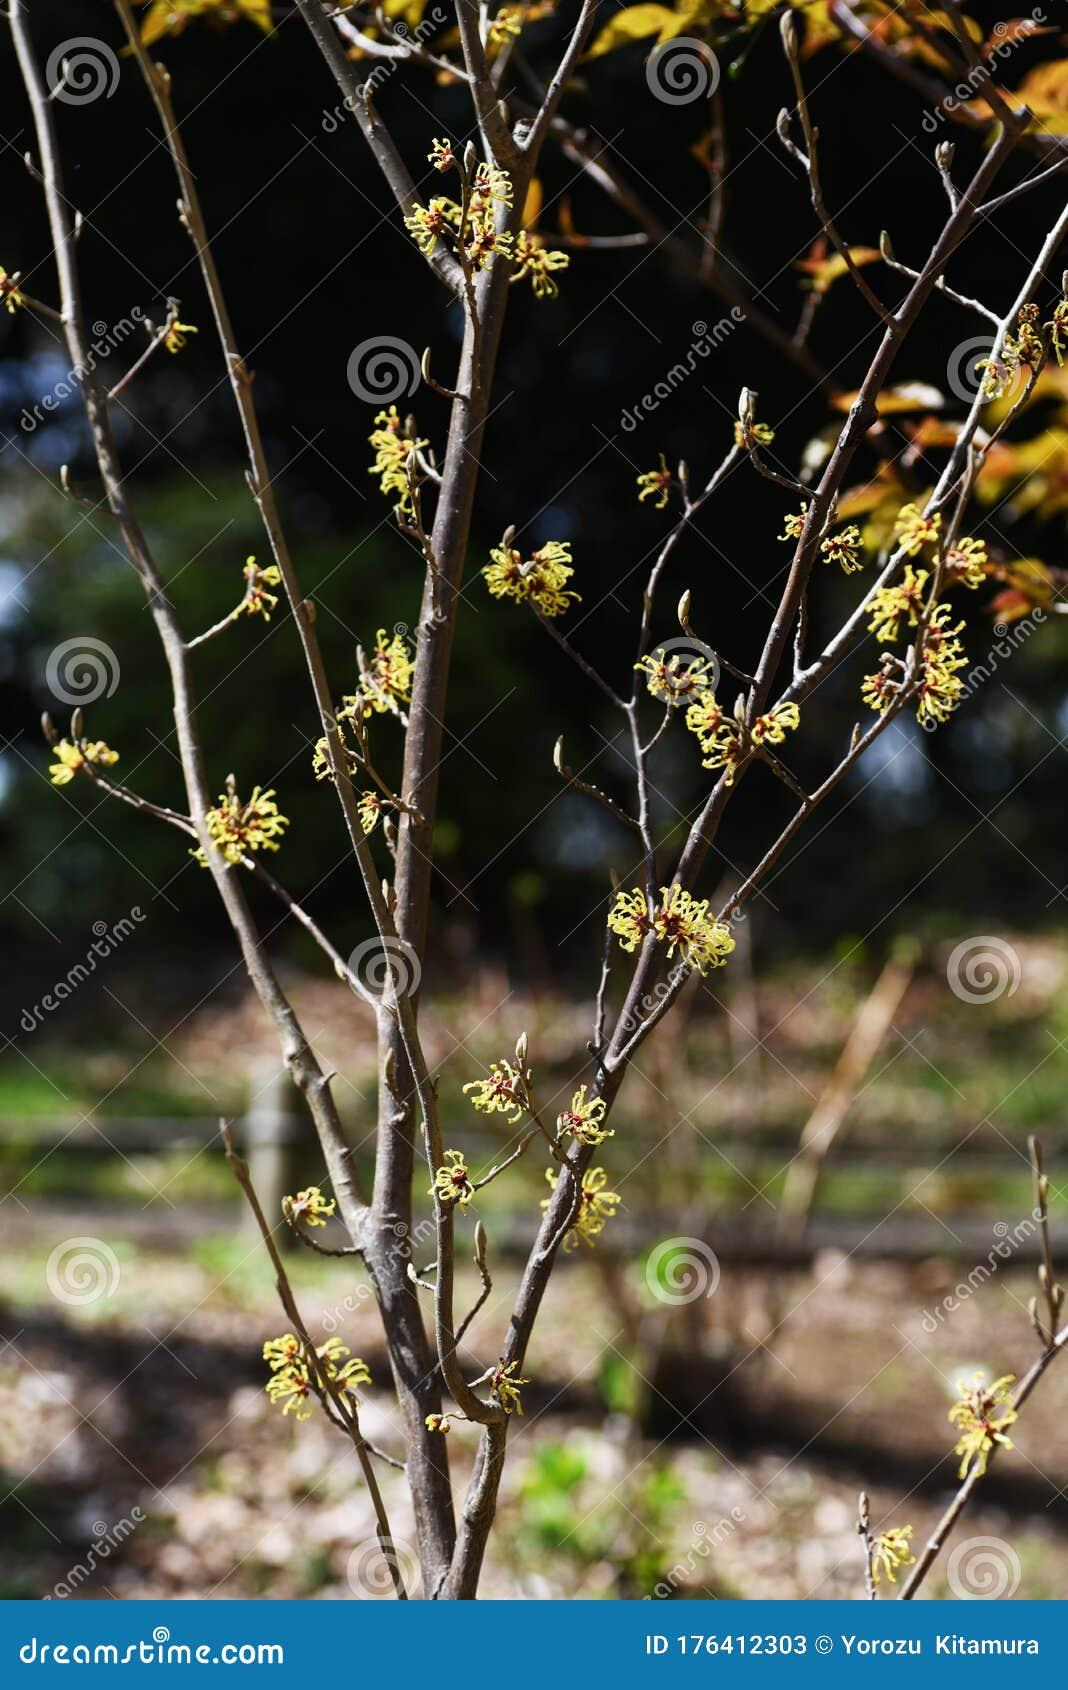 Japanese Witch Hazel Hamamelis Japonica Stock Image Image Of